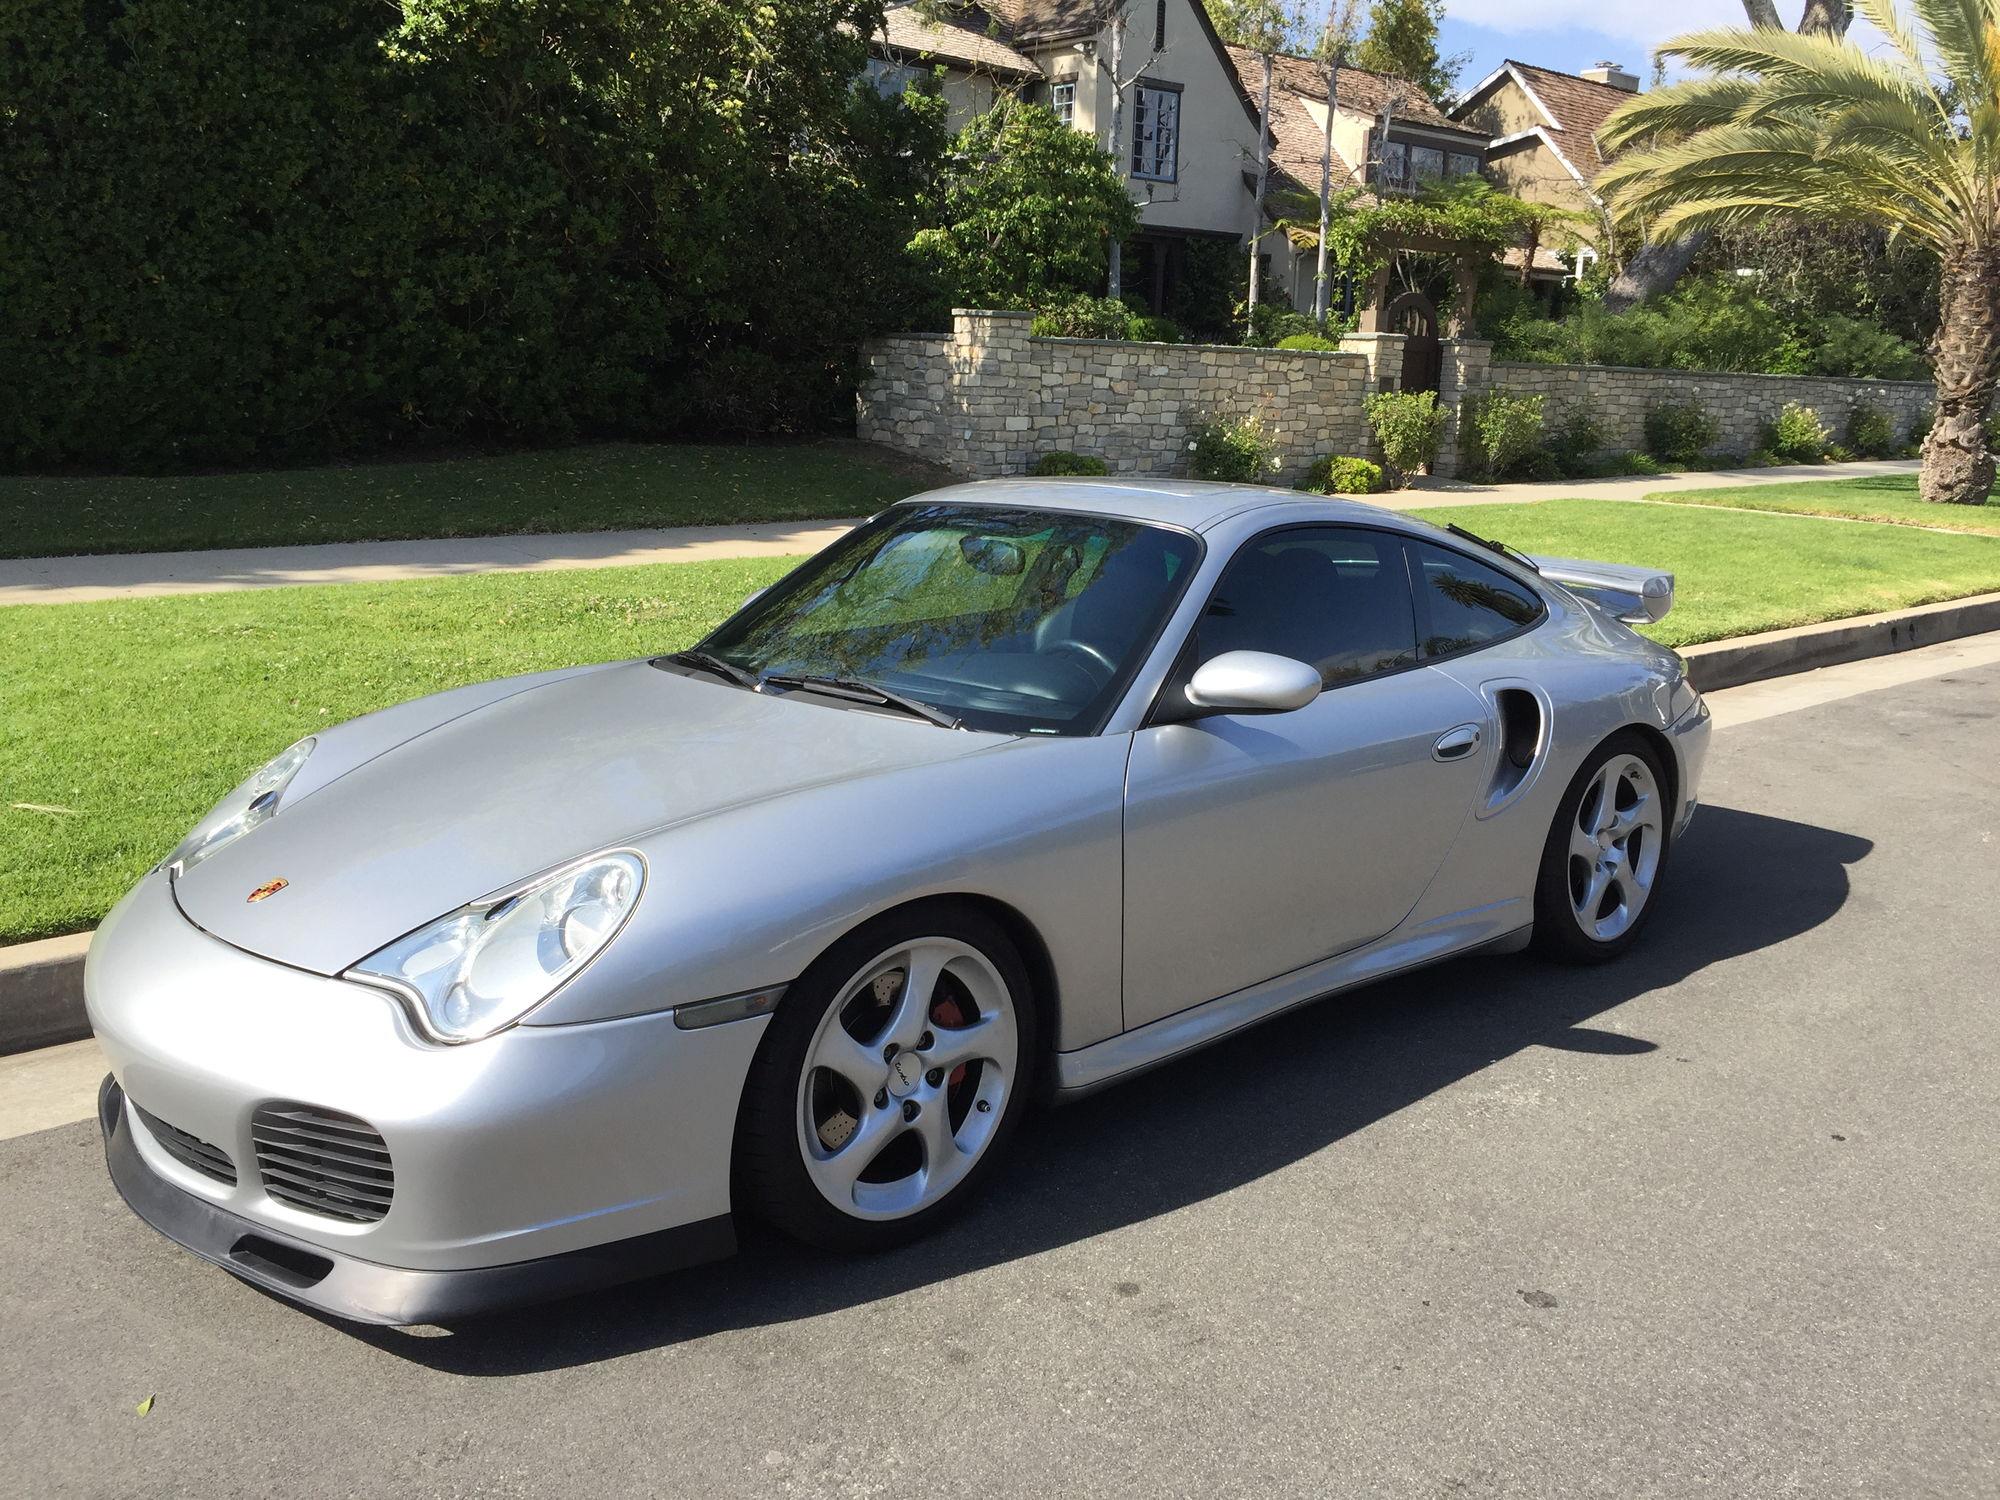 80-01_exterior_right00_35754921031bf4c0a0013cb13a1cddce8732ad1a Terrific 2002 Porsche 911 Carrera Turbo Gt2 X50 Cars Trend